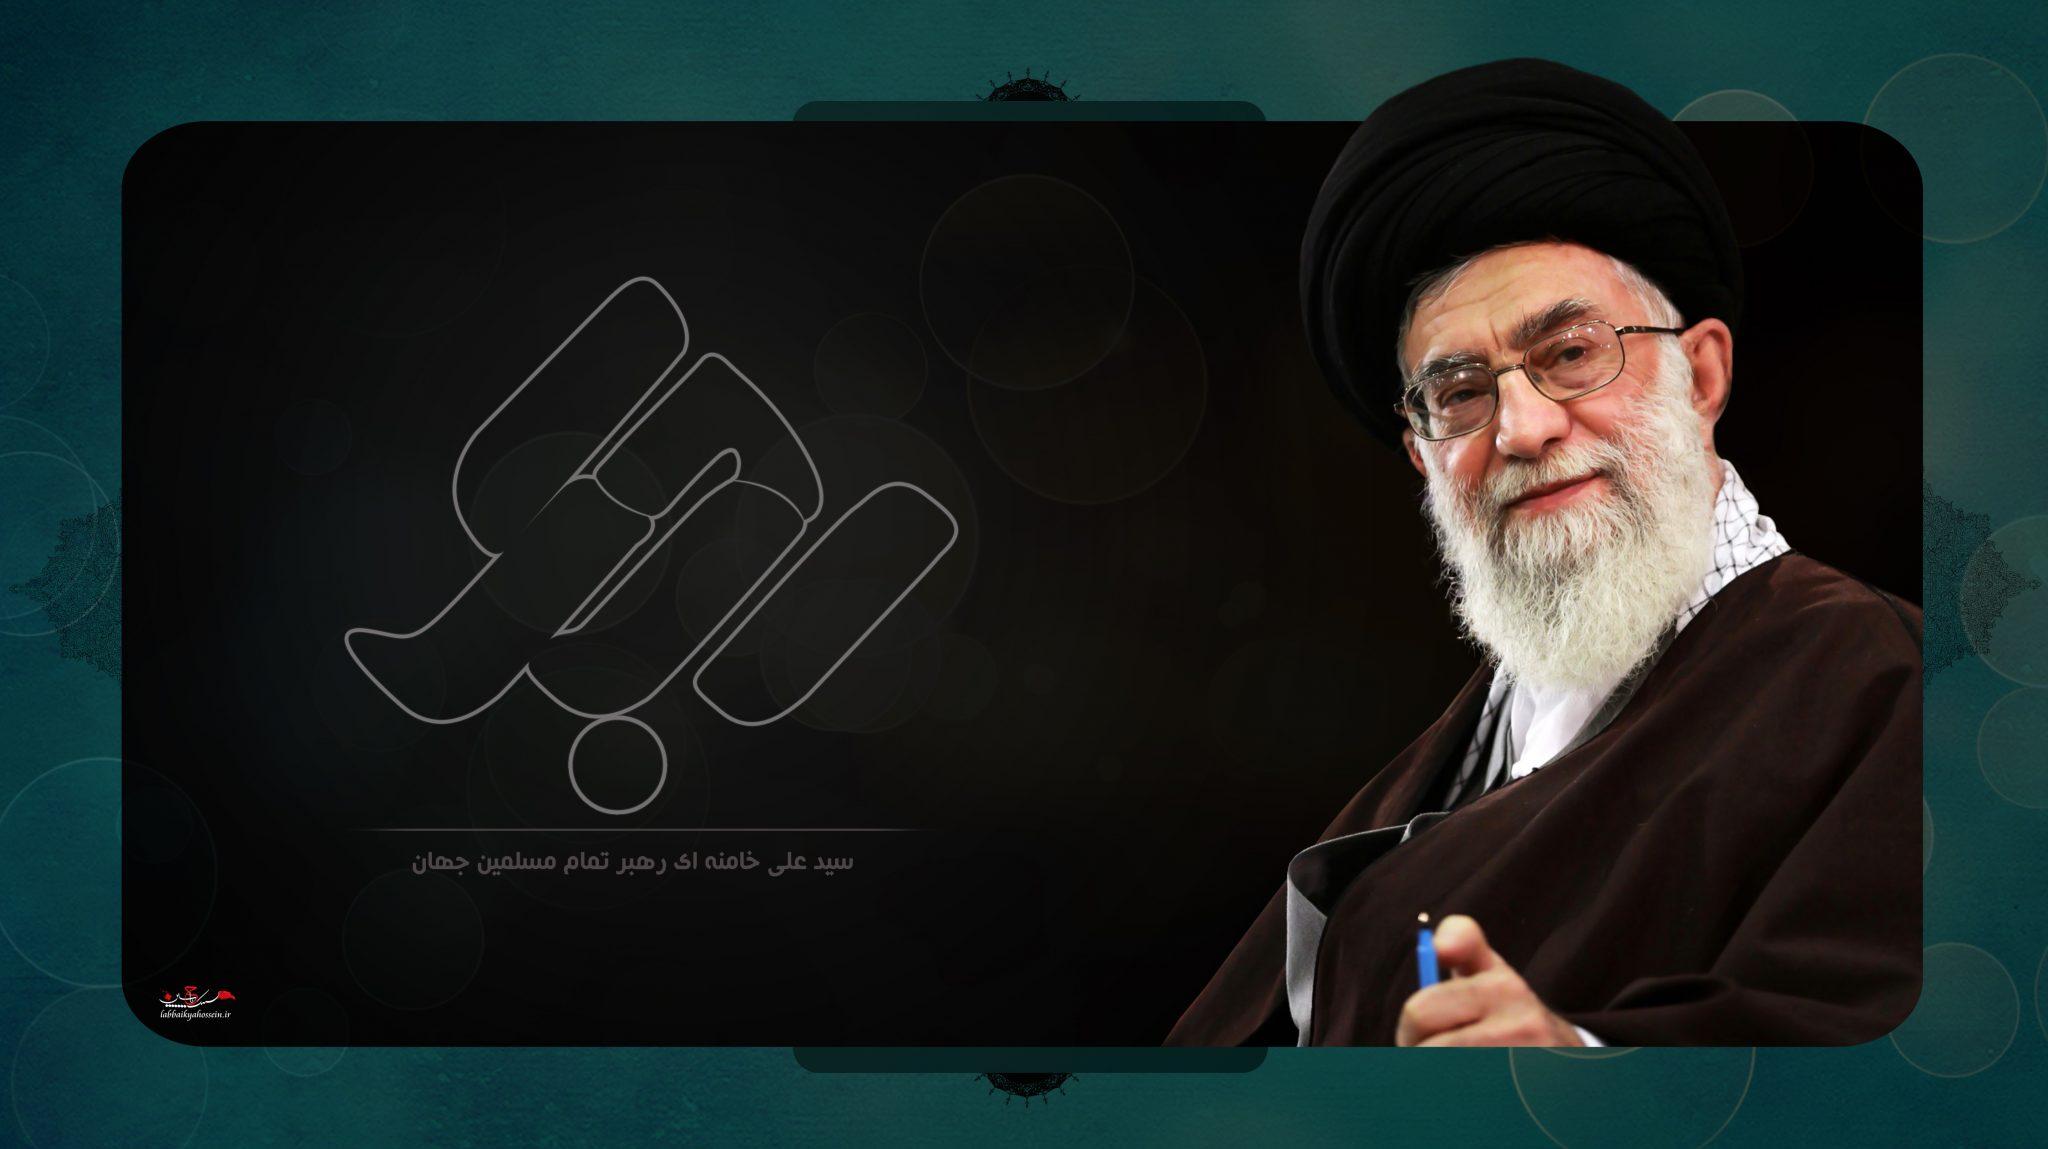 سید علی خامنه ای رهبر تمام مسلمین جهان